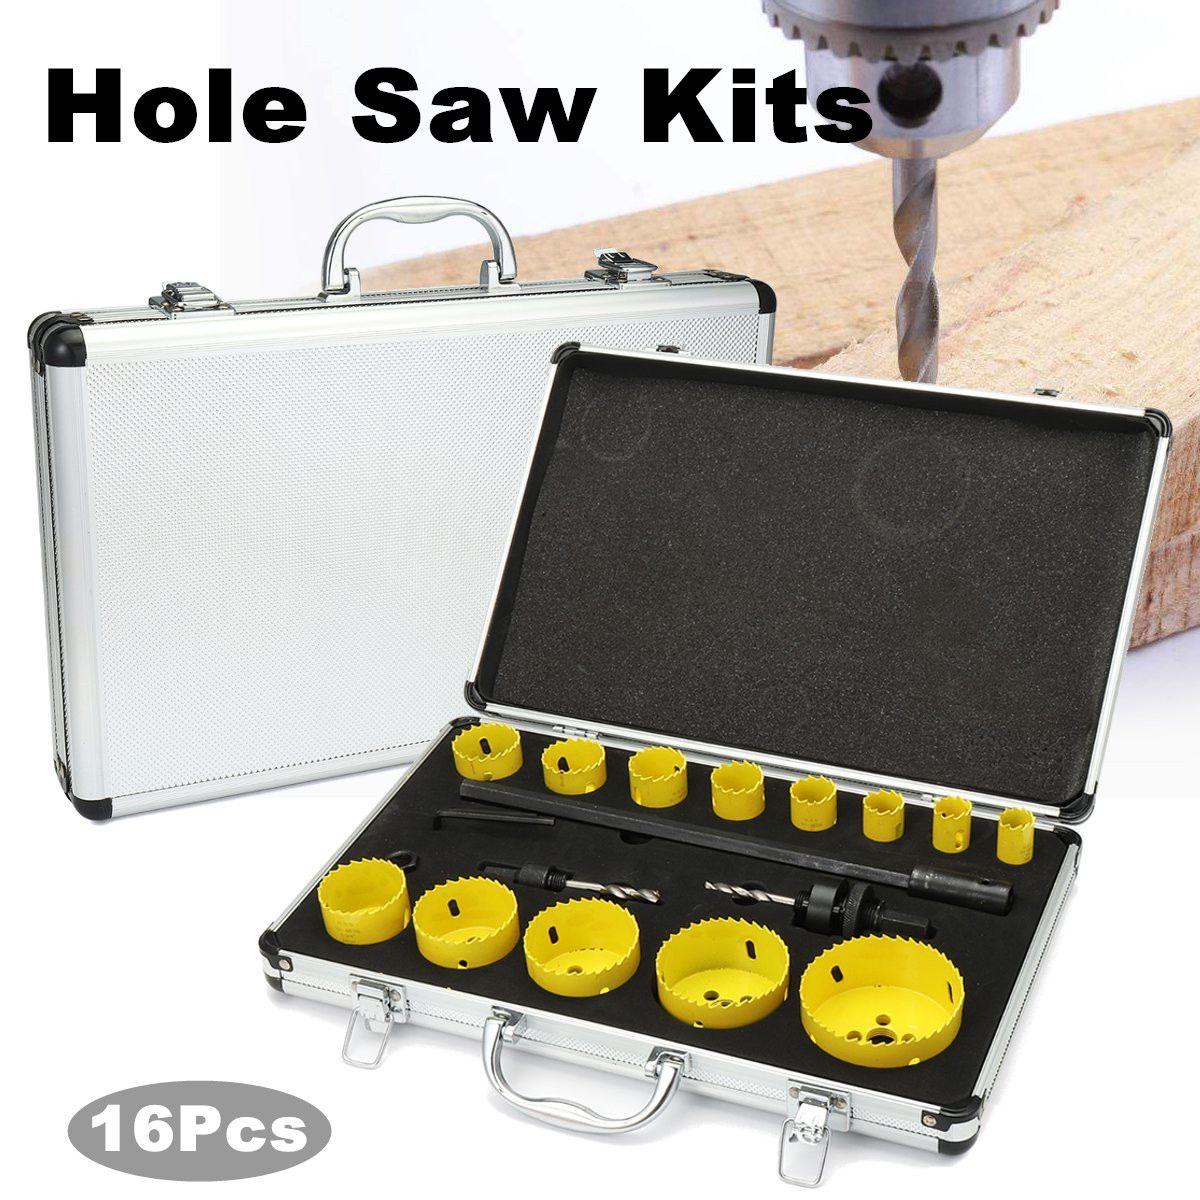 16 pièces M42 trou scie Kits Bits ensemble de coupe perceuse bois métal Cutter boîte outil à main en acier inoxydable bois forets 19-76mm